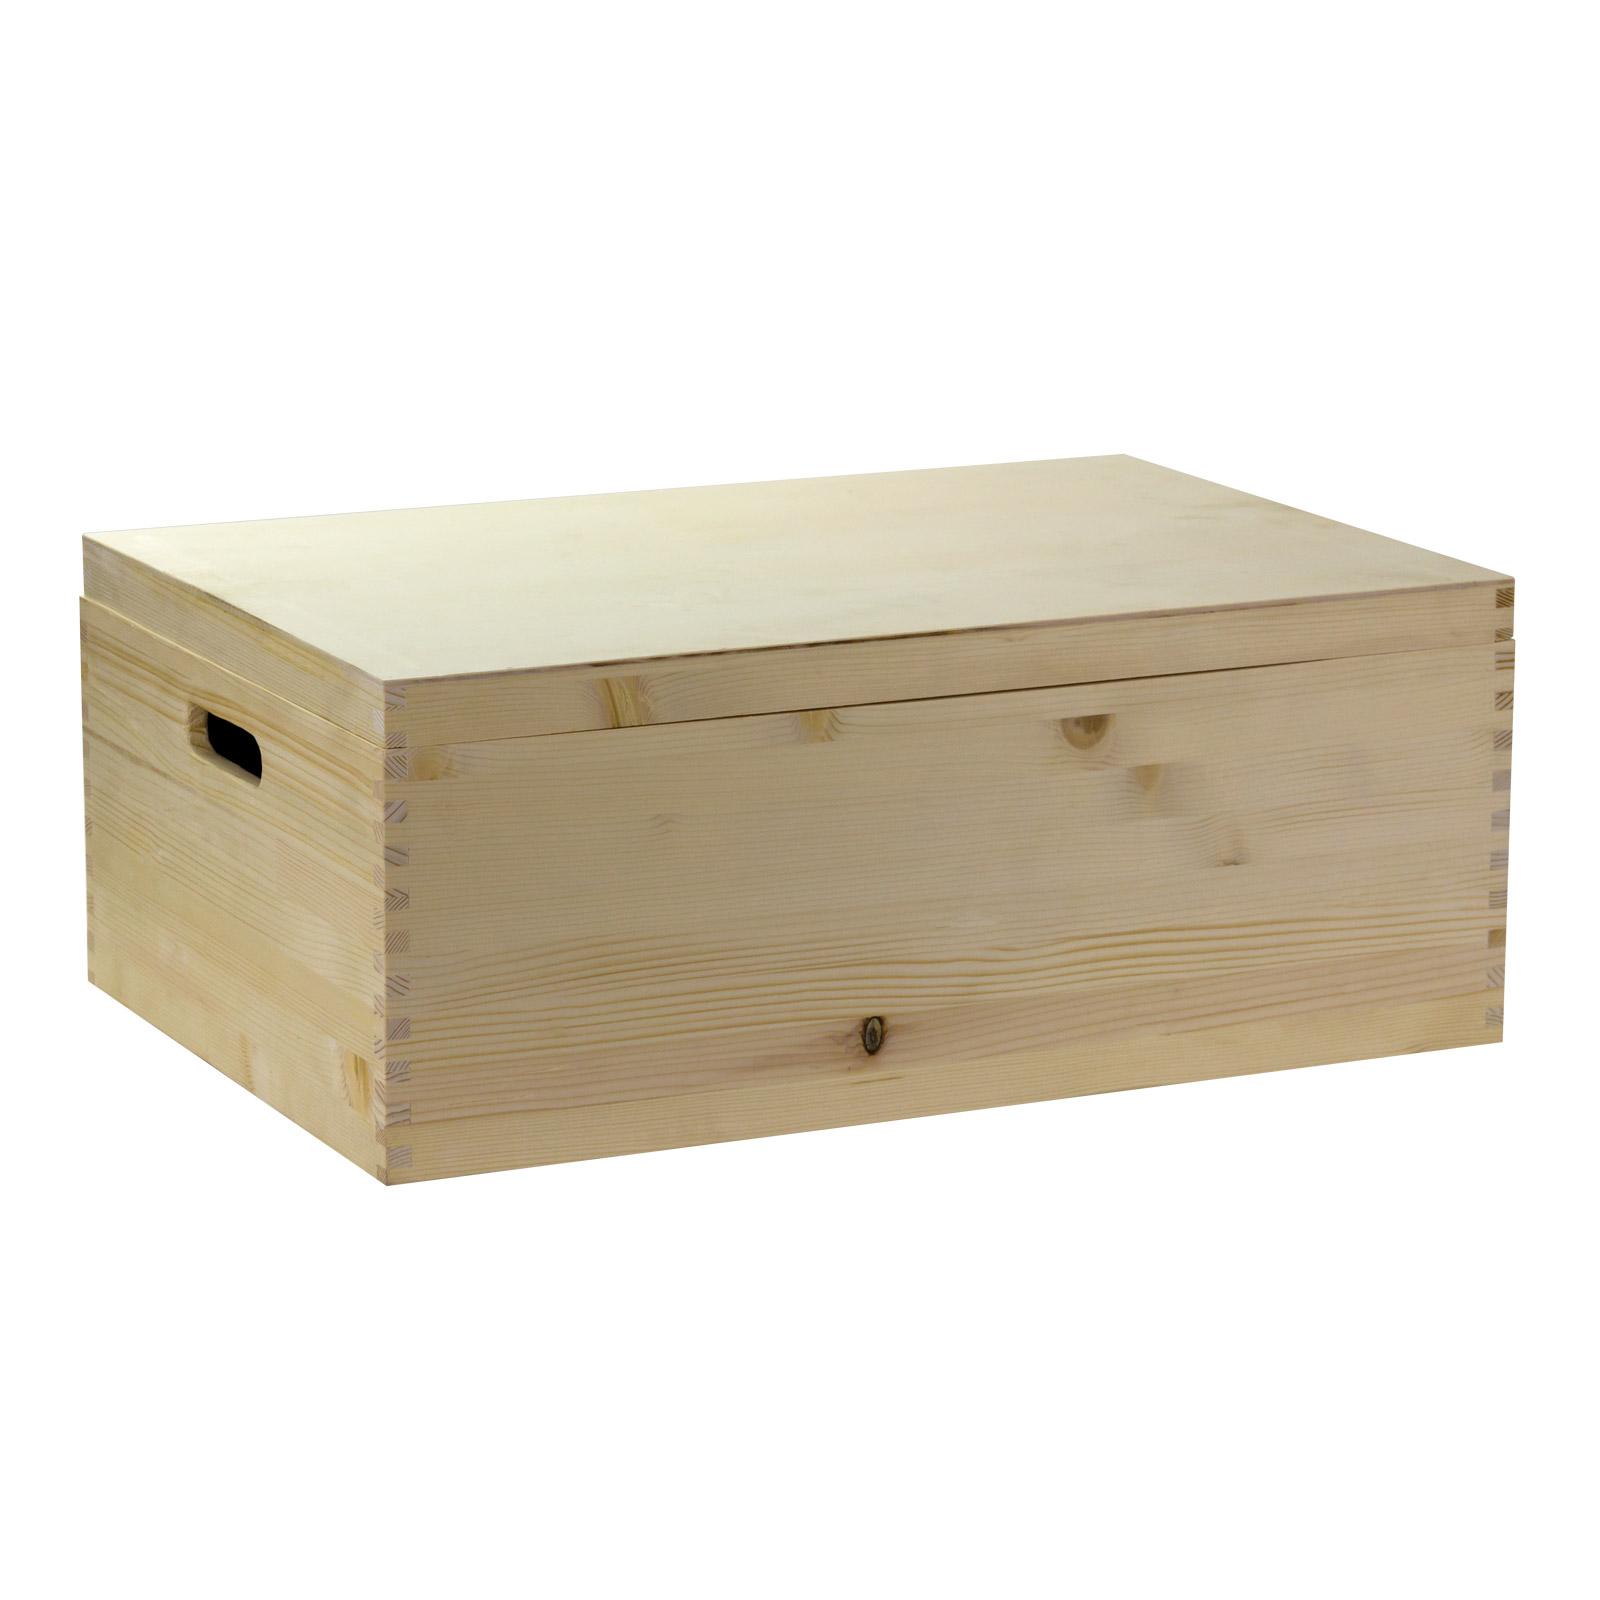 aufbewahrungsbox holzkiste mit deckel und griffl chern vollholz 60x40x24 cm ebay. Black Bedroom Furniture Sets. Home Design Ideas